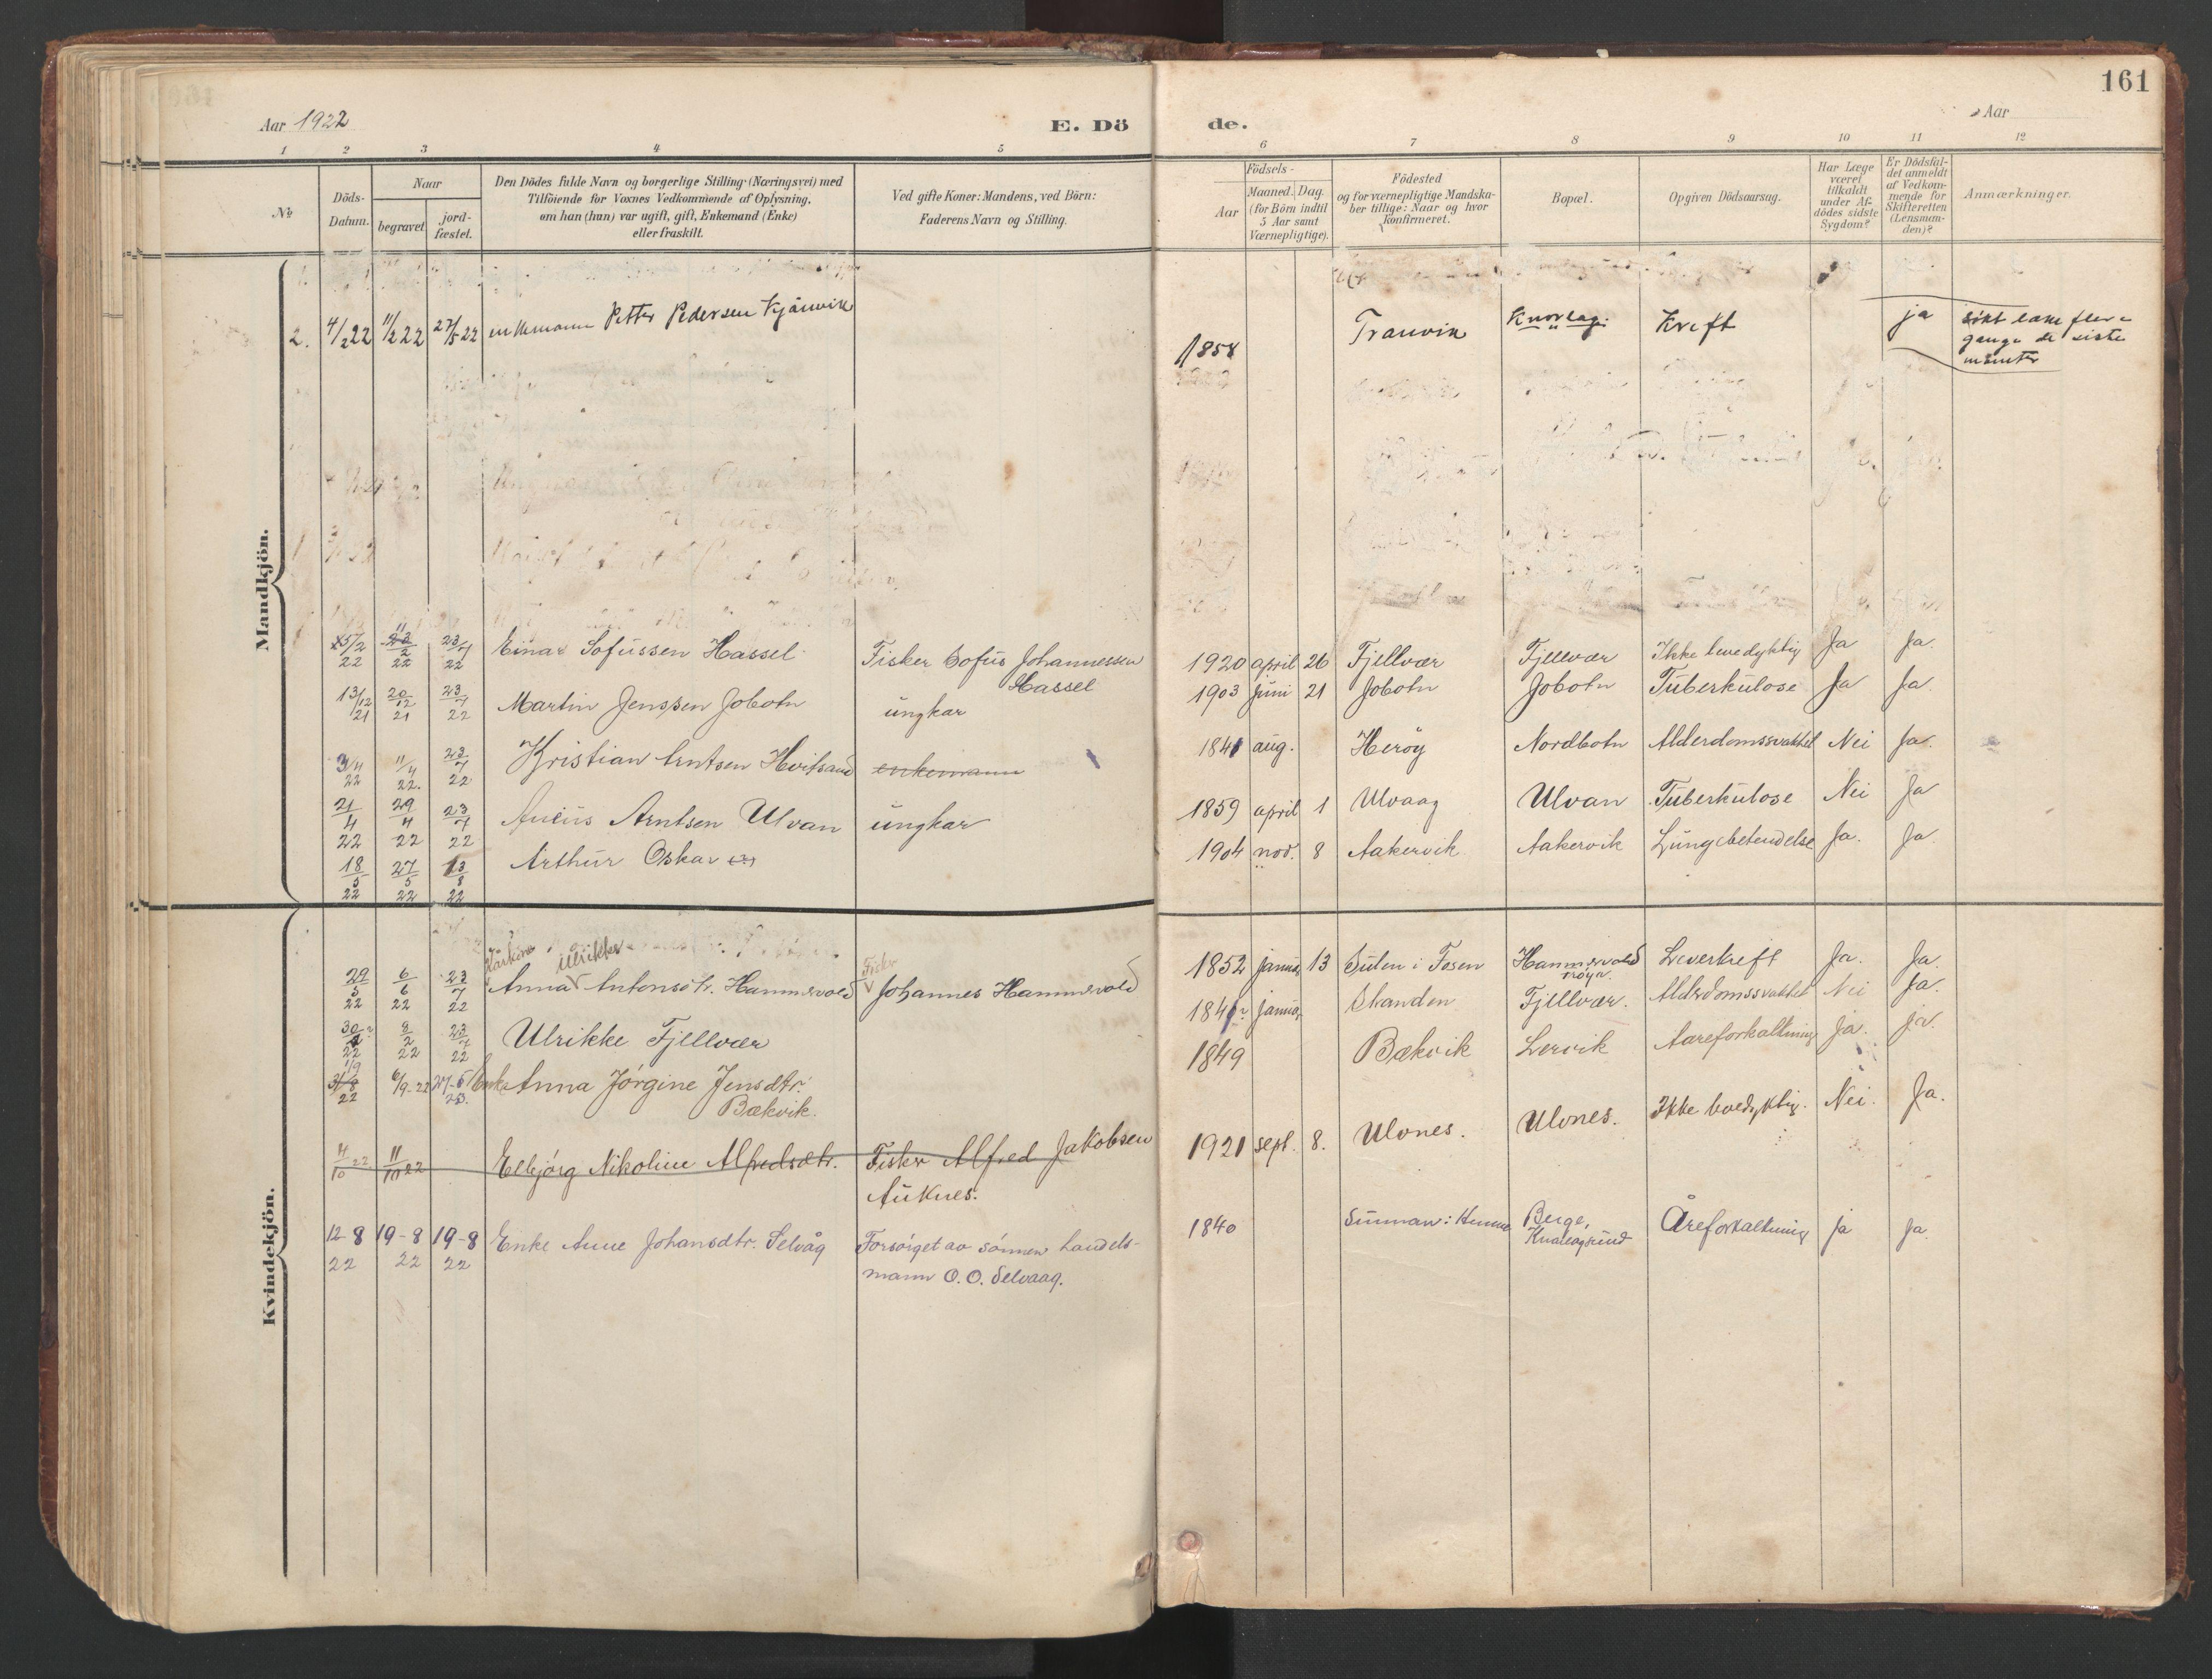 SAT, Ministerialprotokoller, klokkerbøker og fødselsregistre - Sør-Trøndelag, 638/L0571: Klokkerbok nr. 638C03, 1901-1930, s. 161